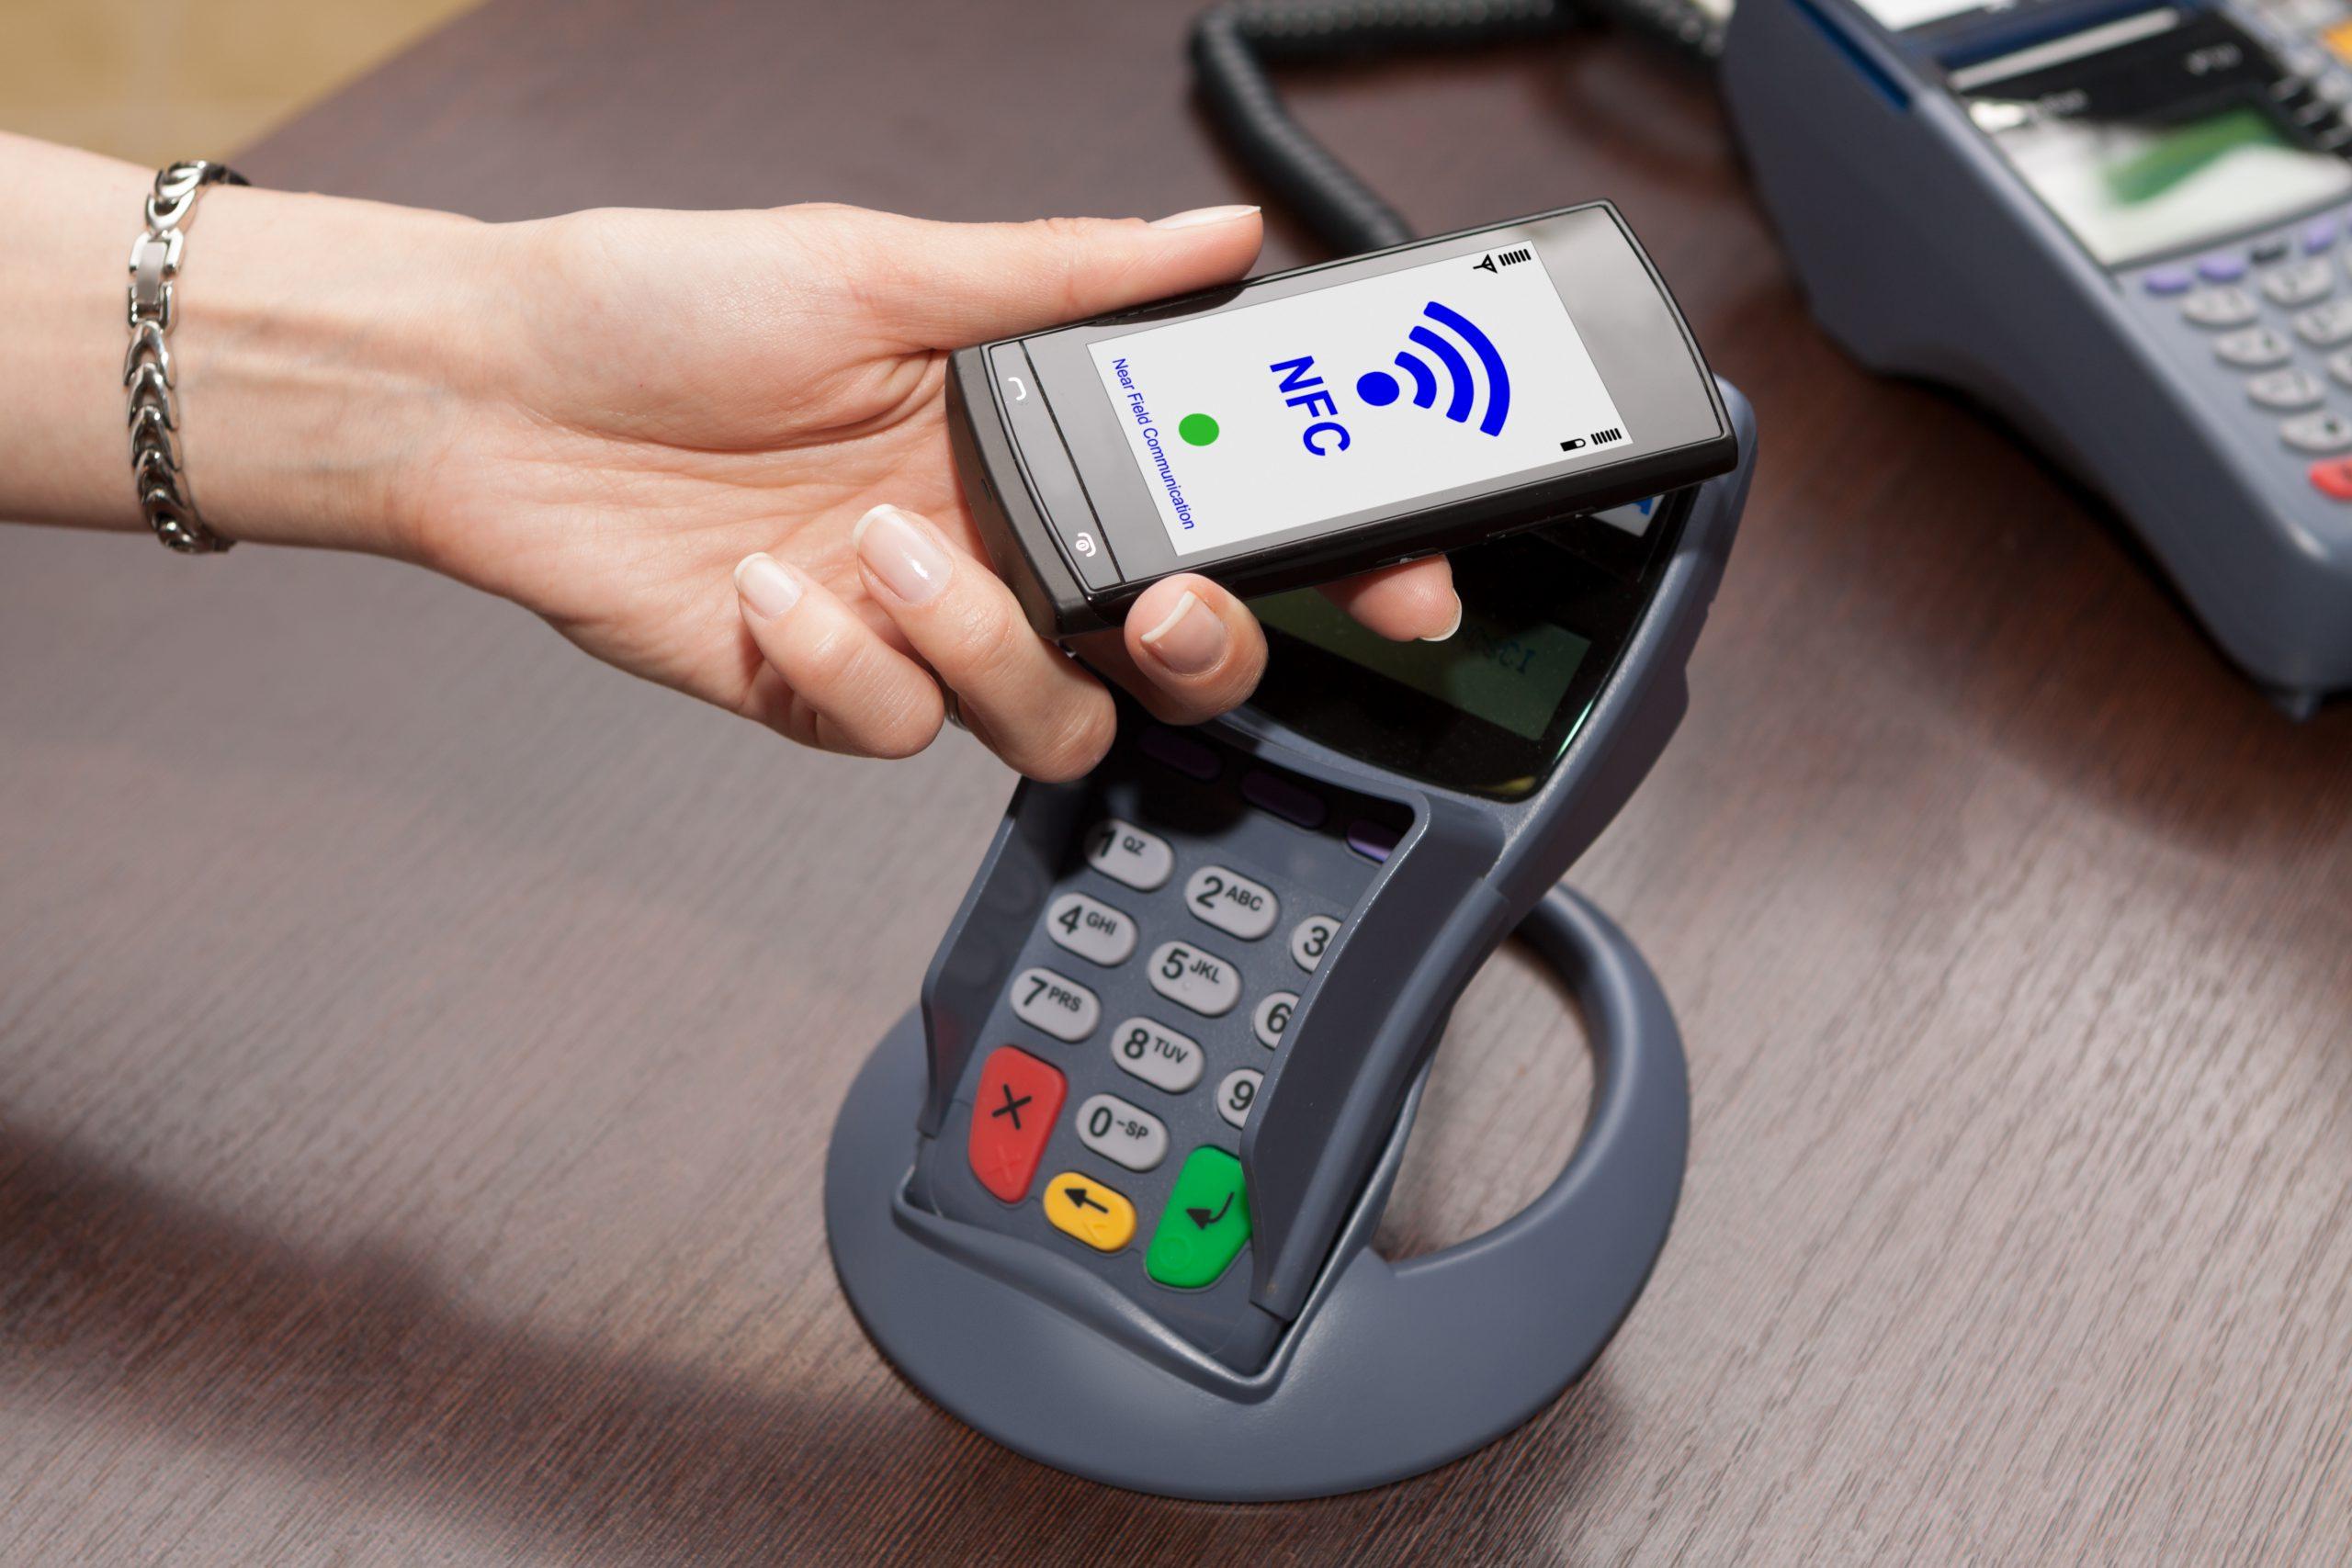 Płatności bezgotówkowe coraz popularniejsze